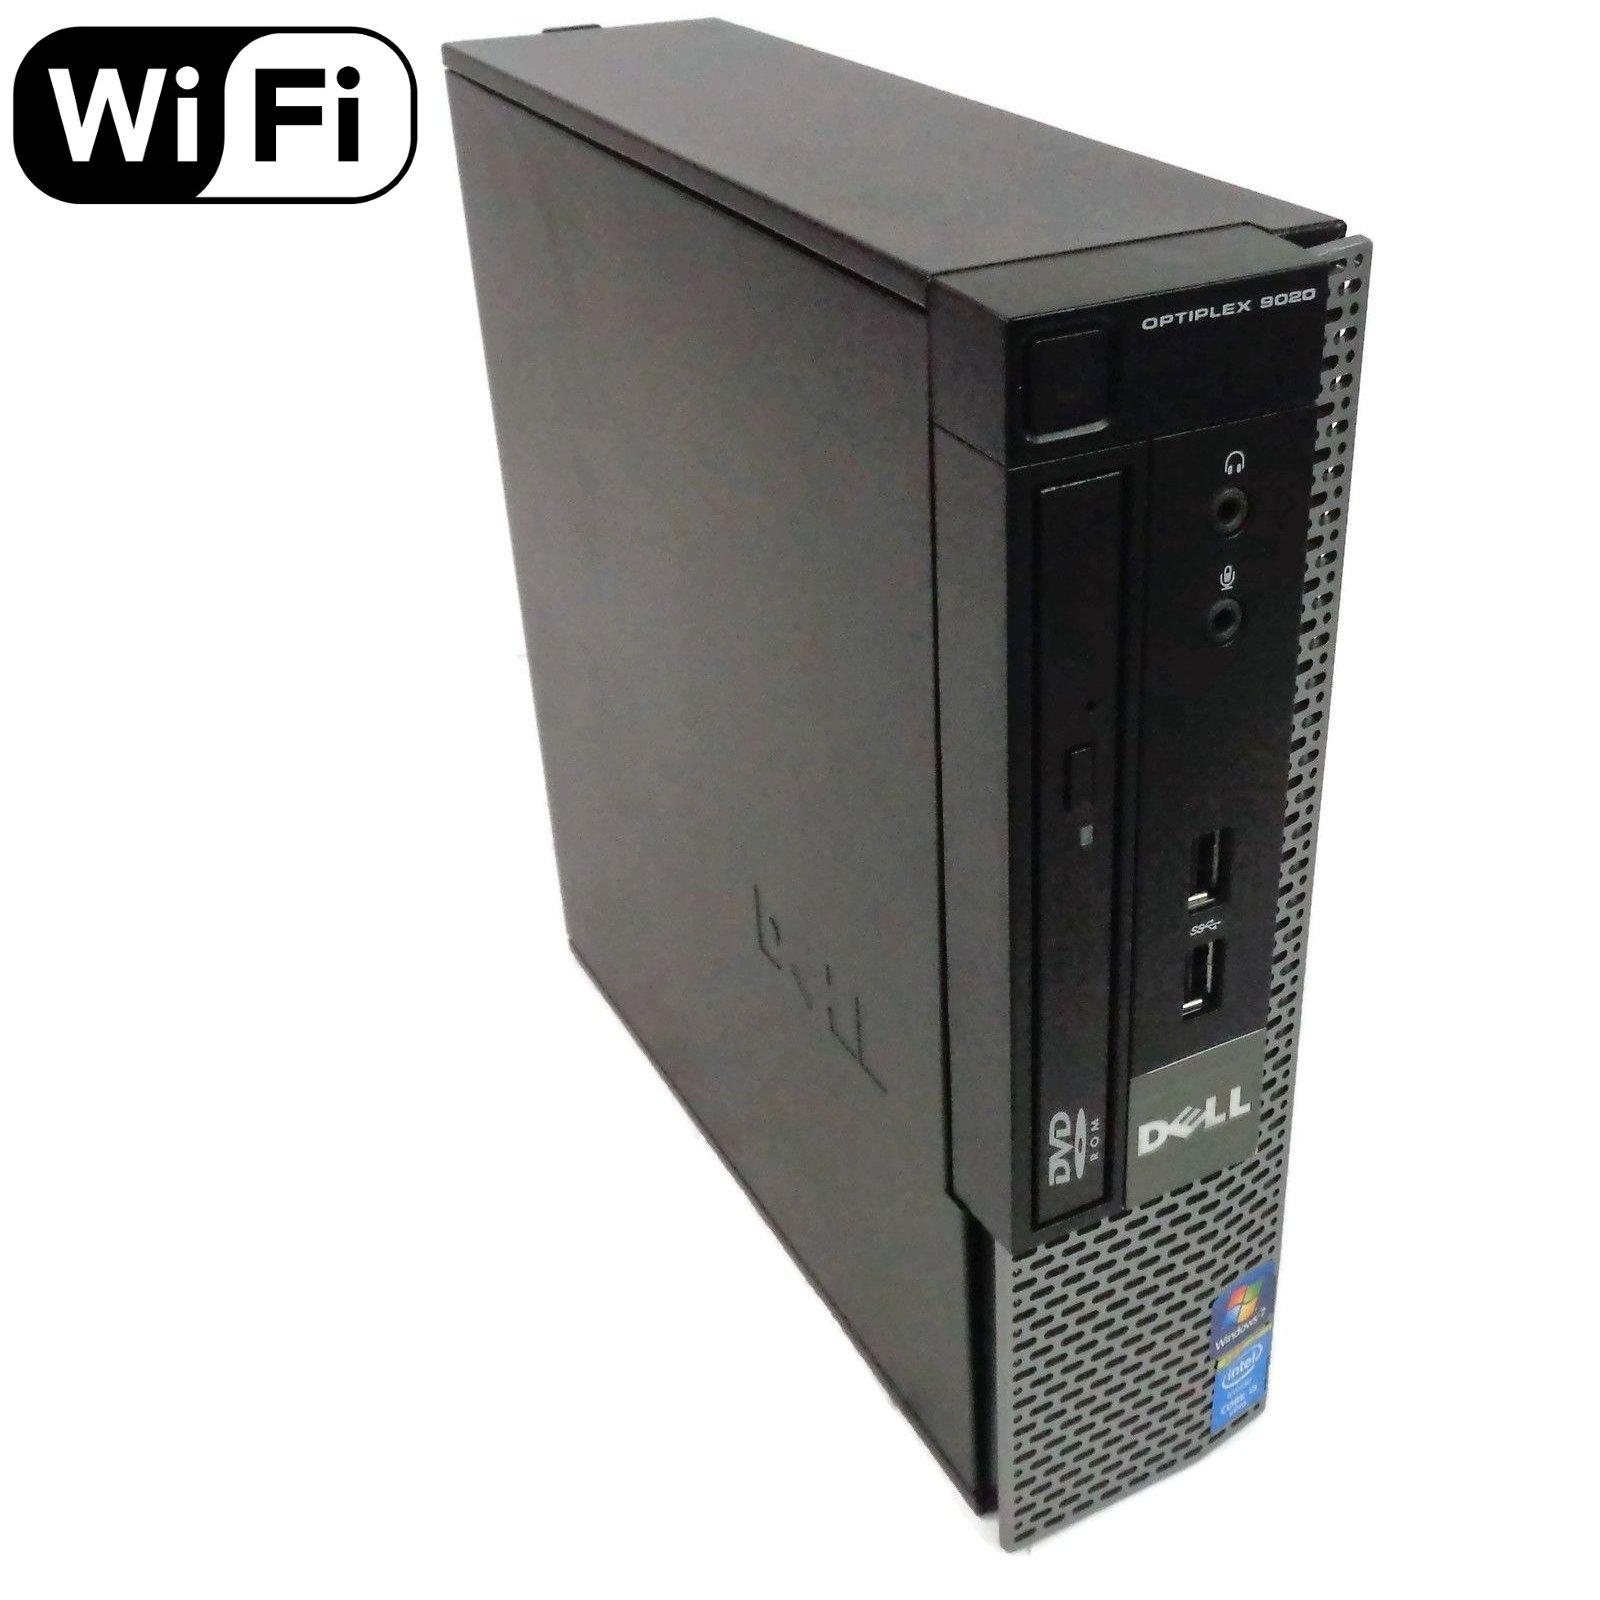 dell-optiplex-9020-small-form-business-desktop-tower-pc-intel-quad-core-i7-4770-16gb-ram-240gb-brand-new-ssd-wifi-dual-monitor-support-hdmi-vga-dvd-rw-wifi-win-10-pro-renewed